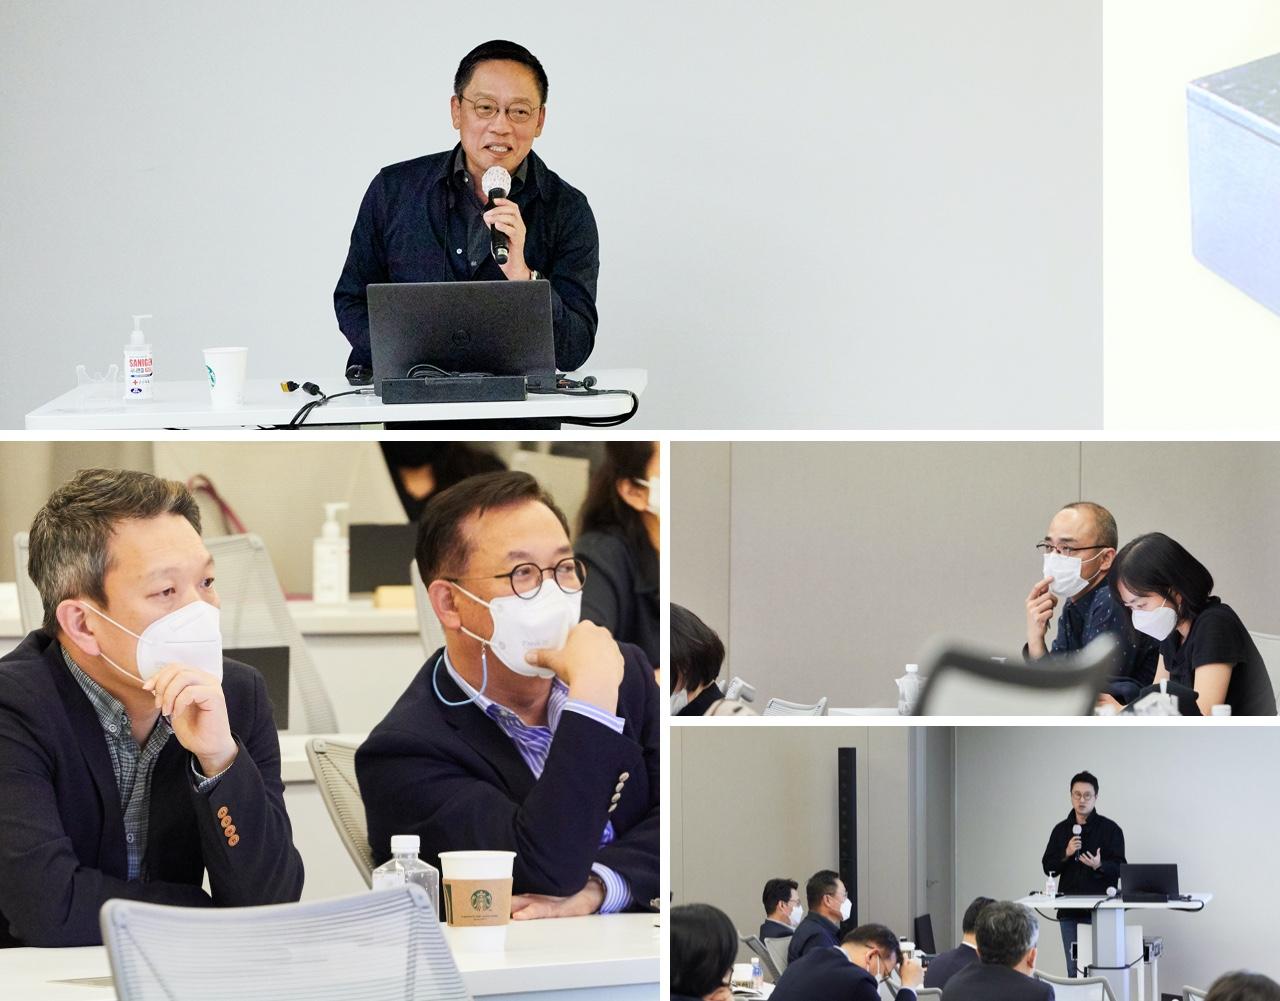 김학민 현대카드 Digital기획실장이 고객 행동을 예측하는 단계에서 더 나아가, 고객의 소비 의도를 파악할 수 있는 엔진을 개발 중이라고 설명하자 현장 분위기가 더욱 뜨거워졌다.